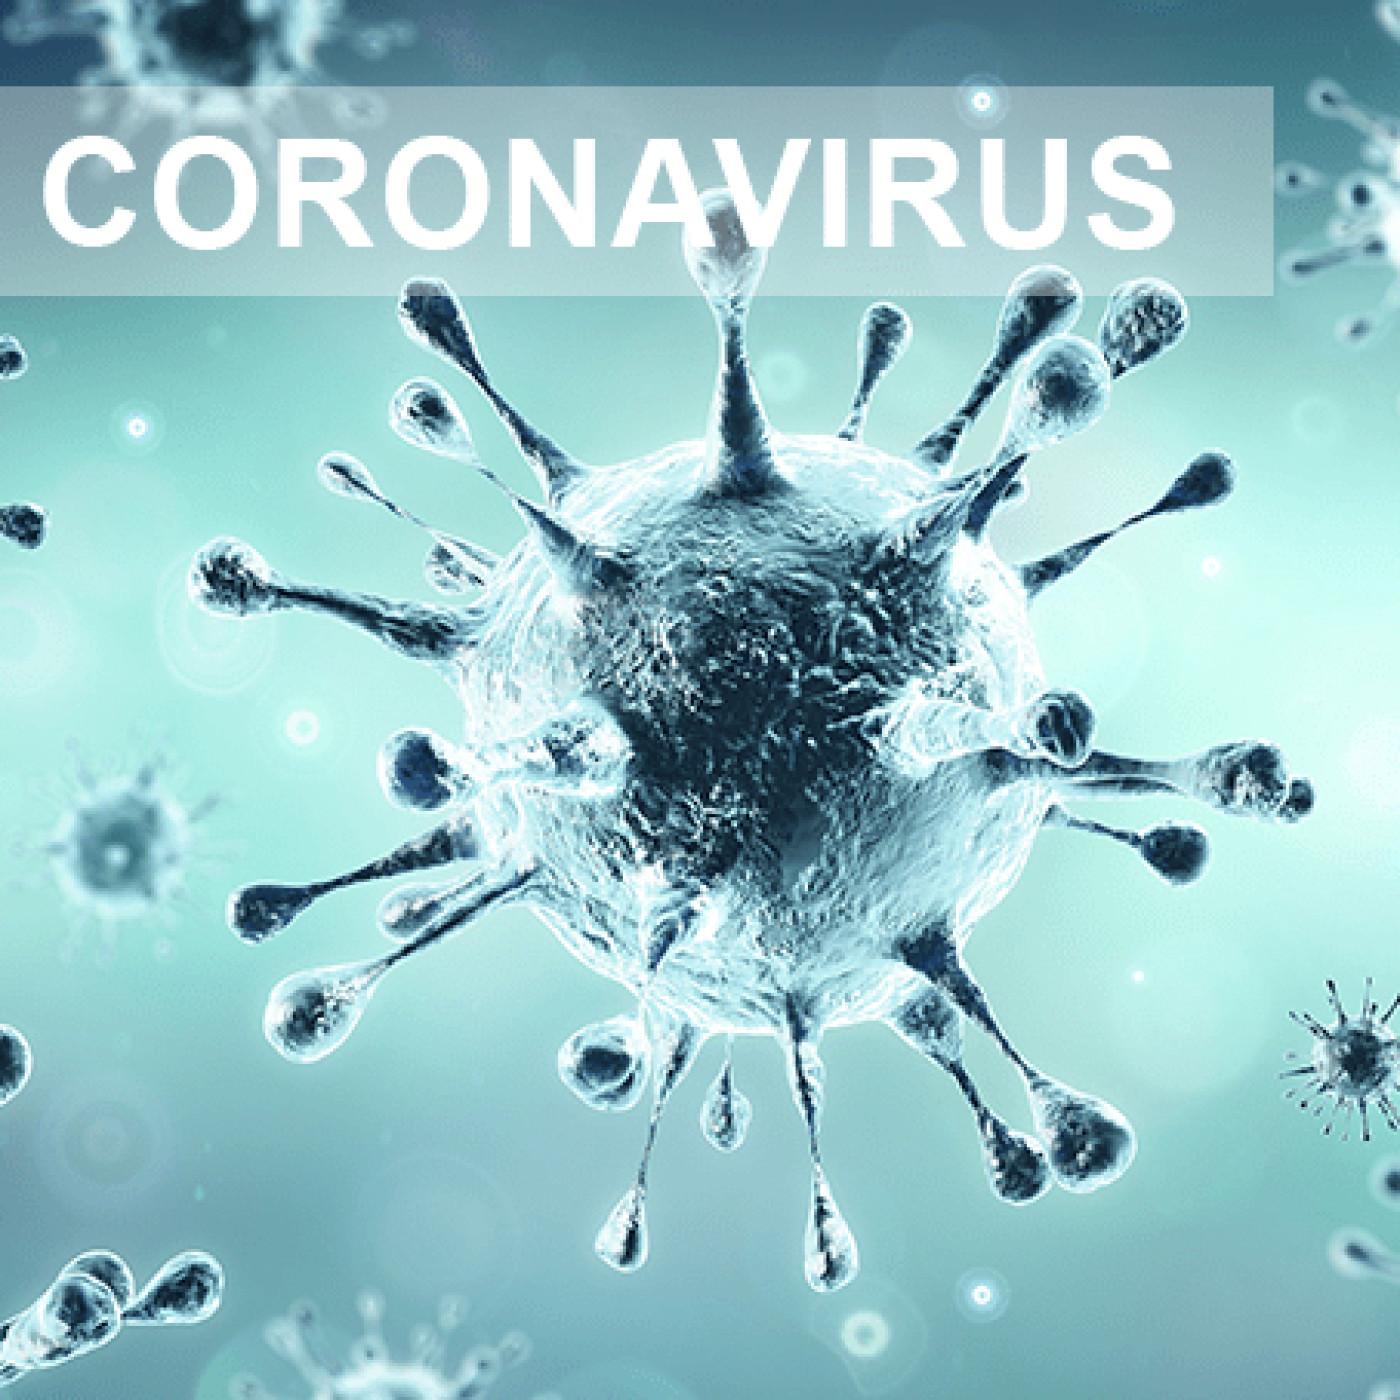 Émission spéciale CORONAVIRUS (en Confinement) du 25/03/20